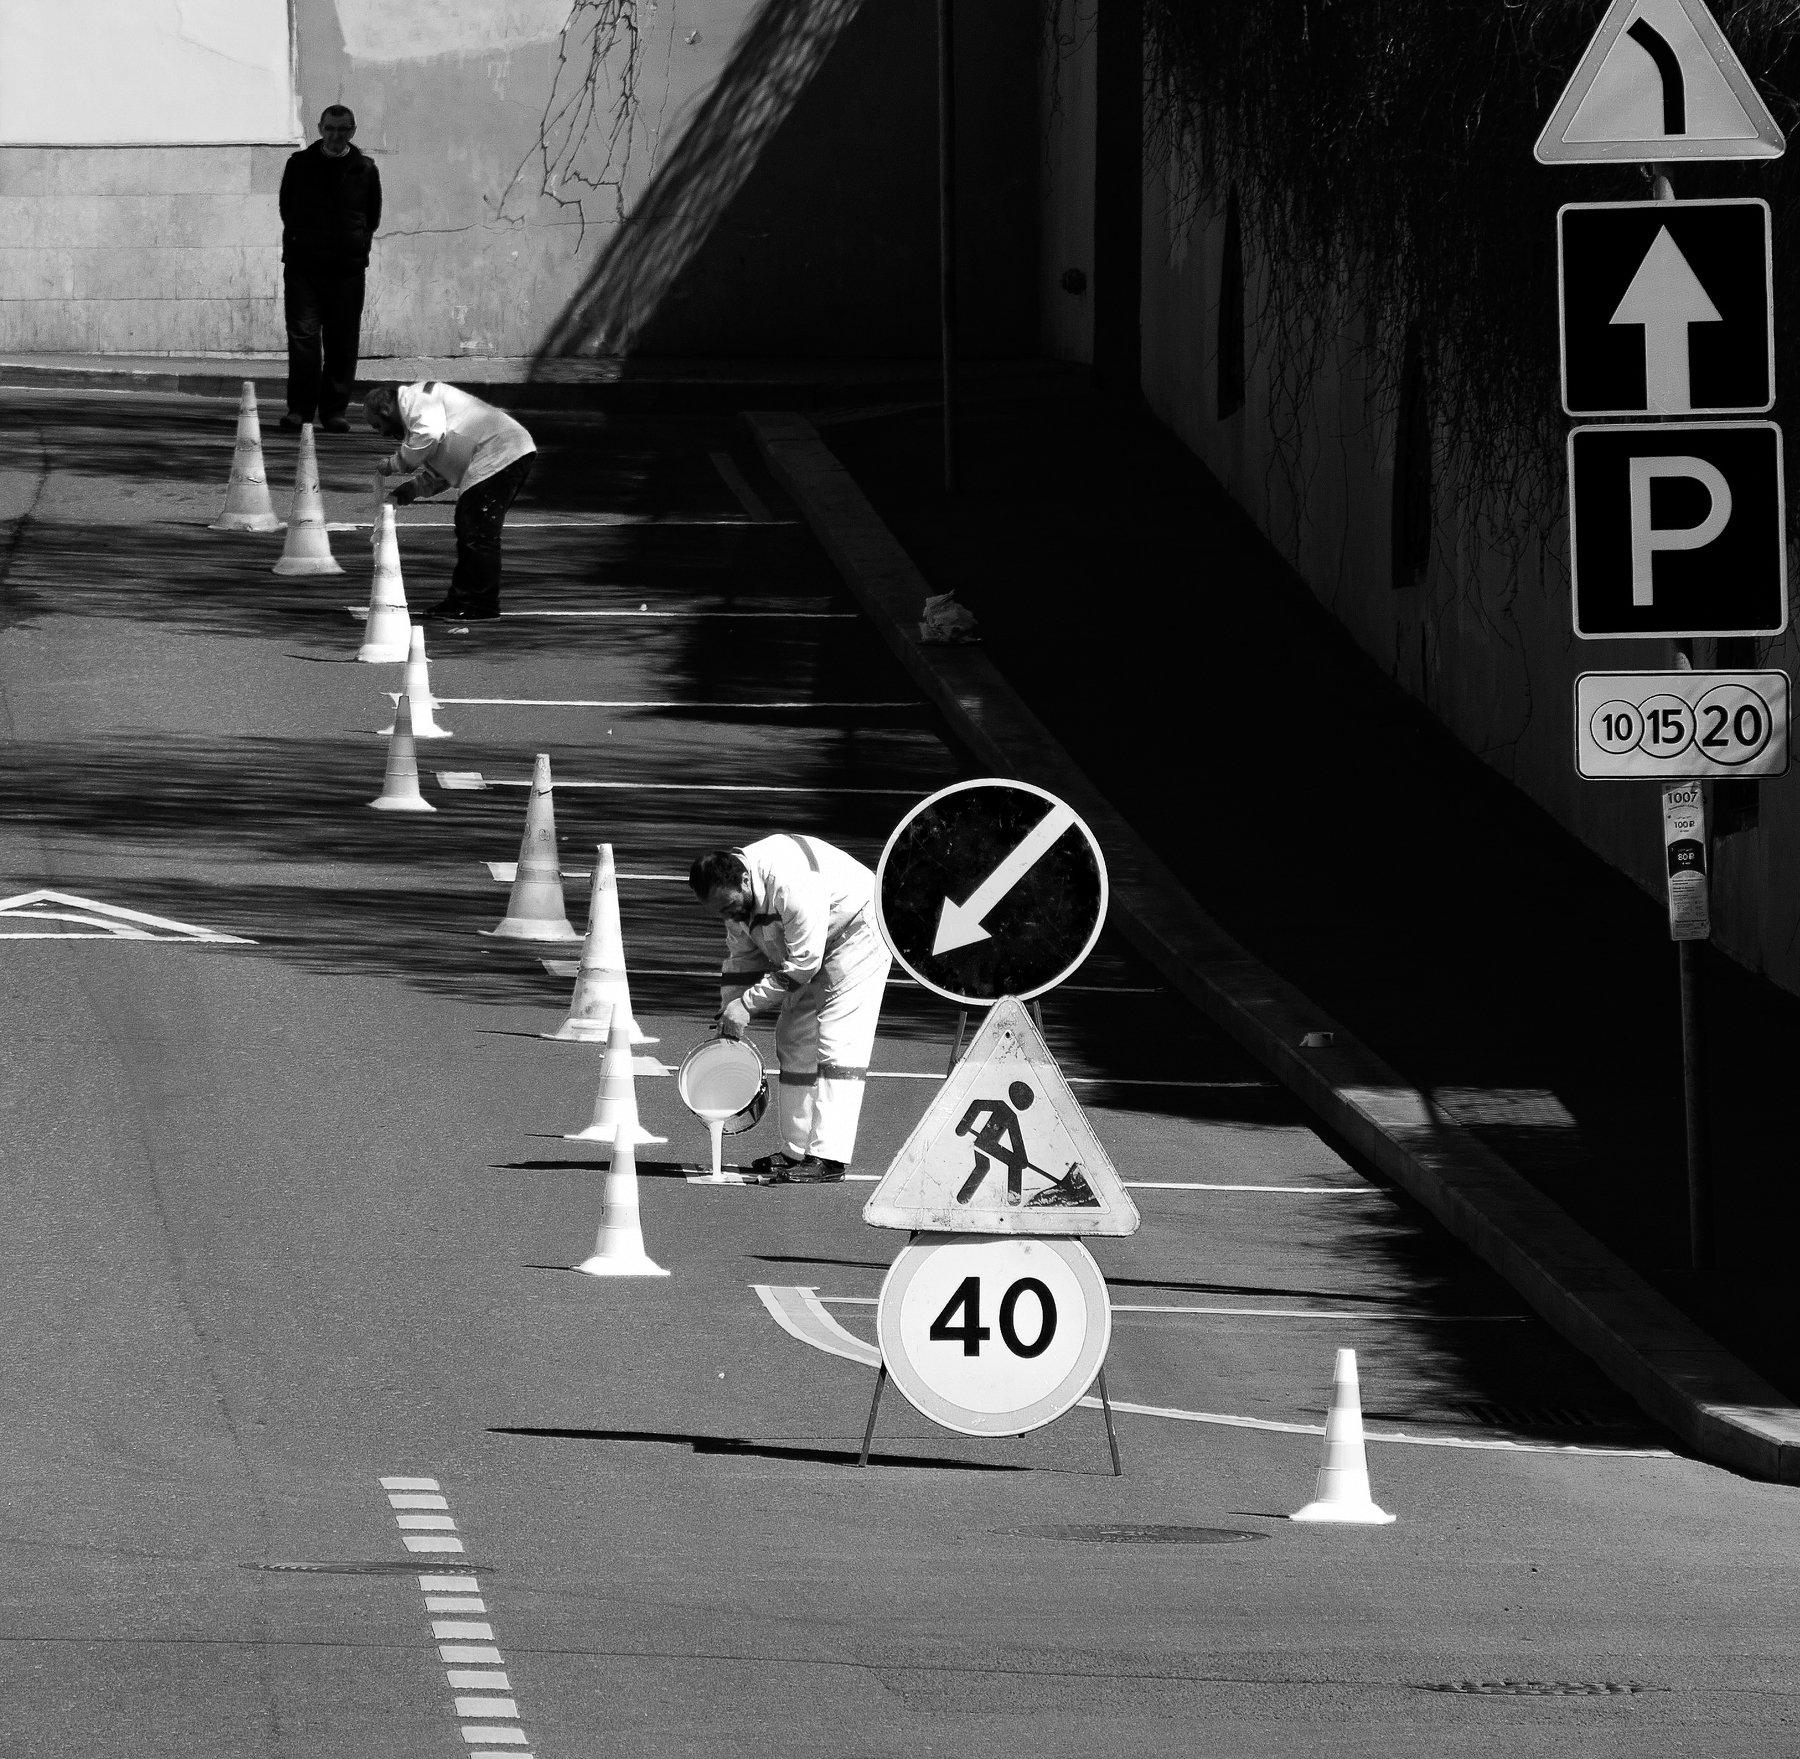 разметка, белая краска, рабочий, дорожный знак, лить, парковка, Ткаченко Дмитрий